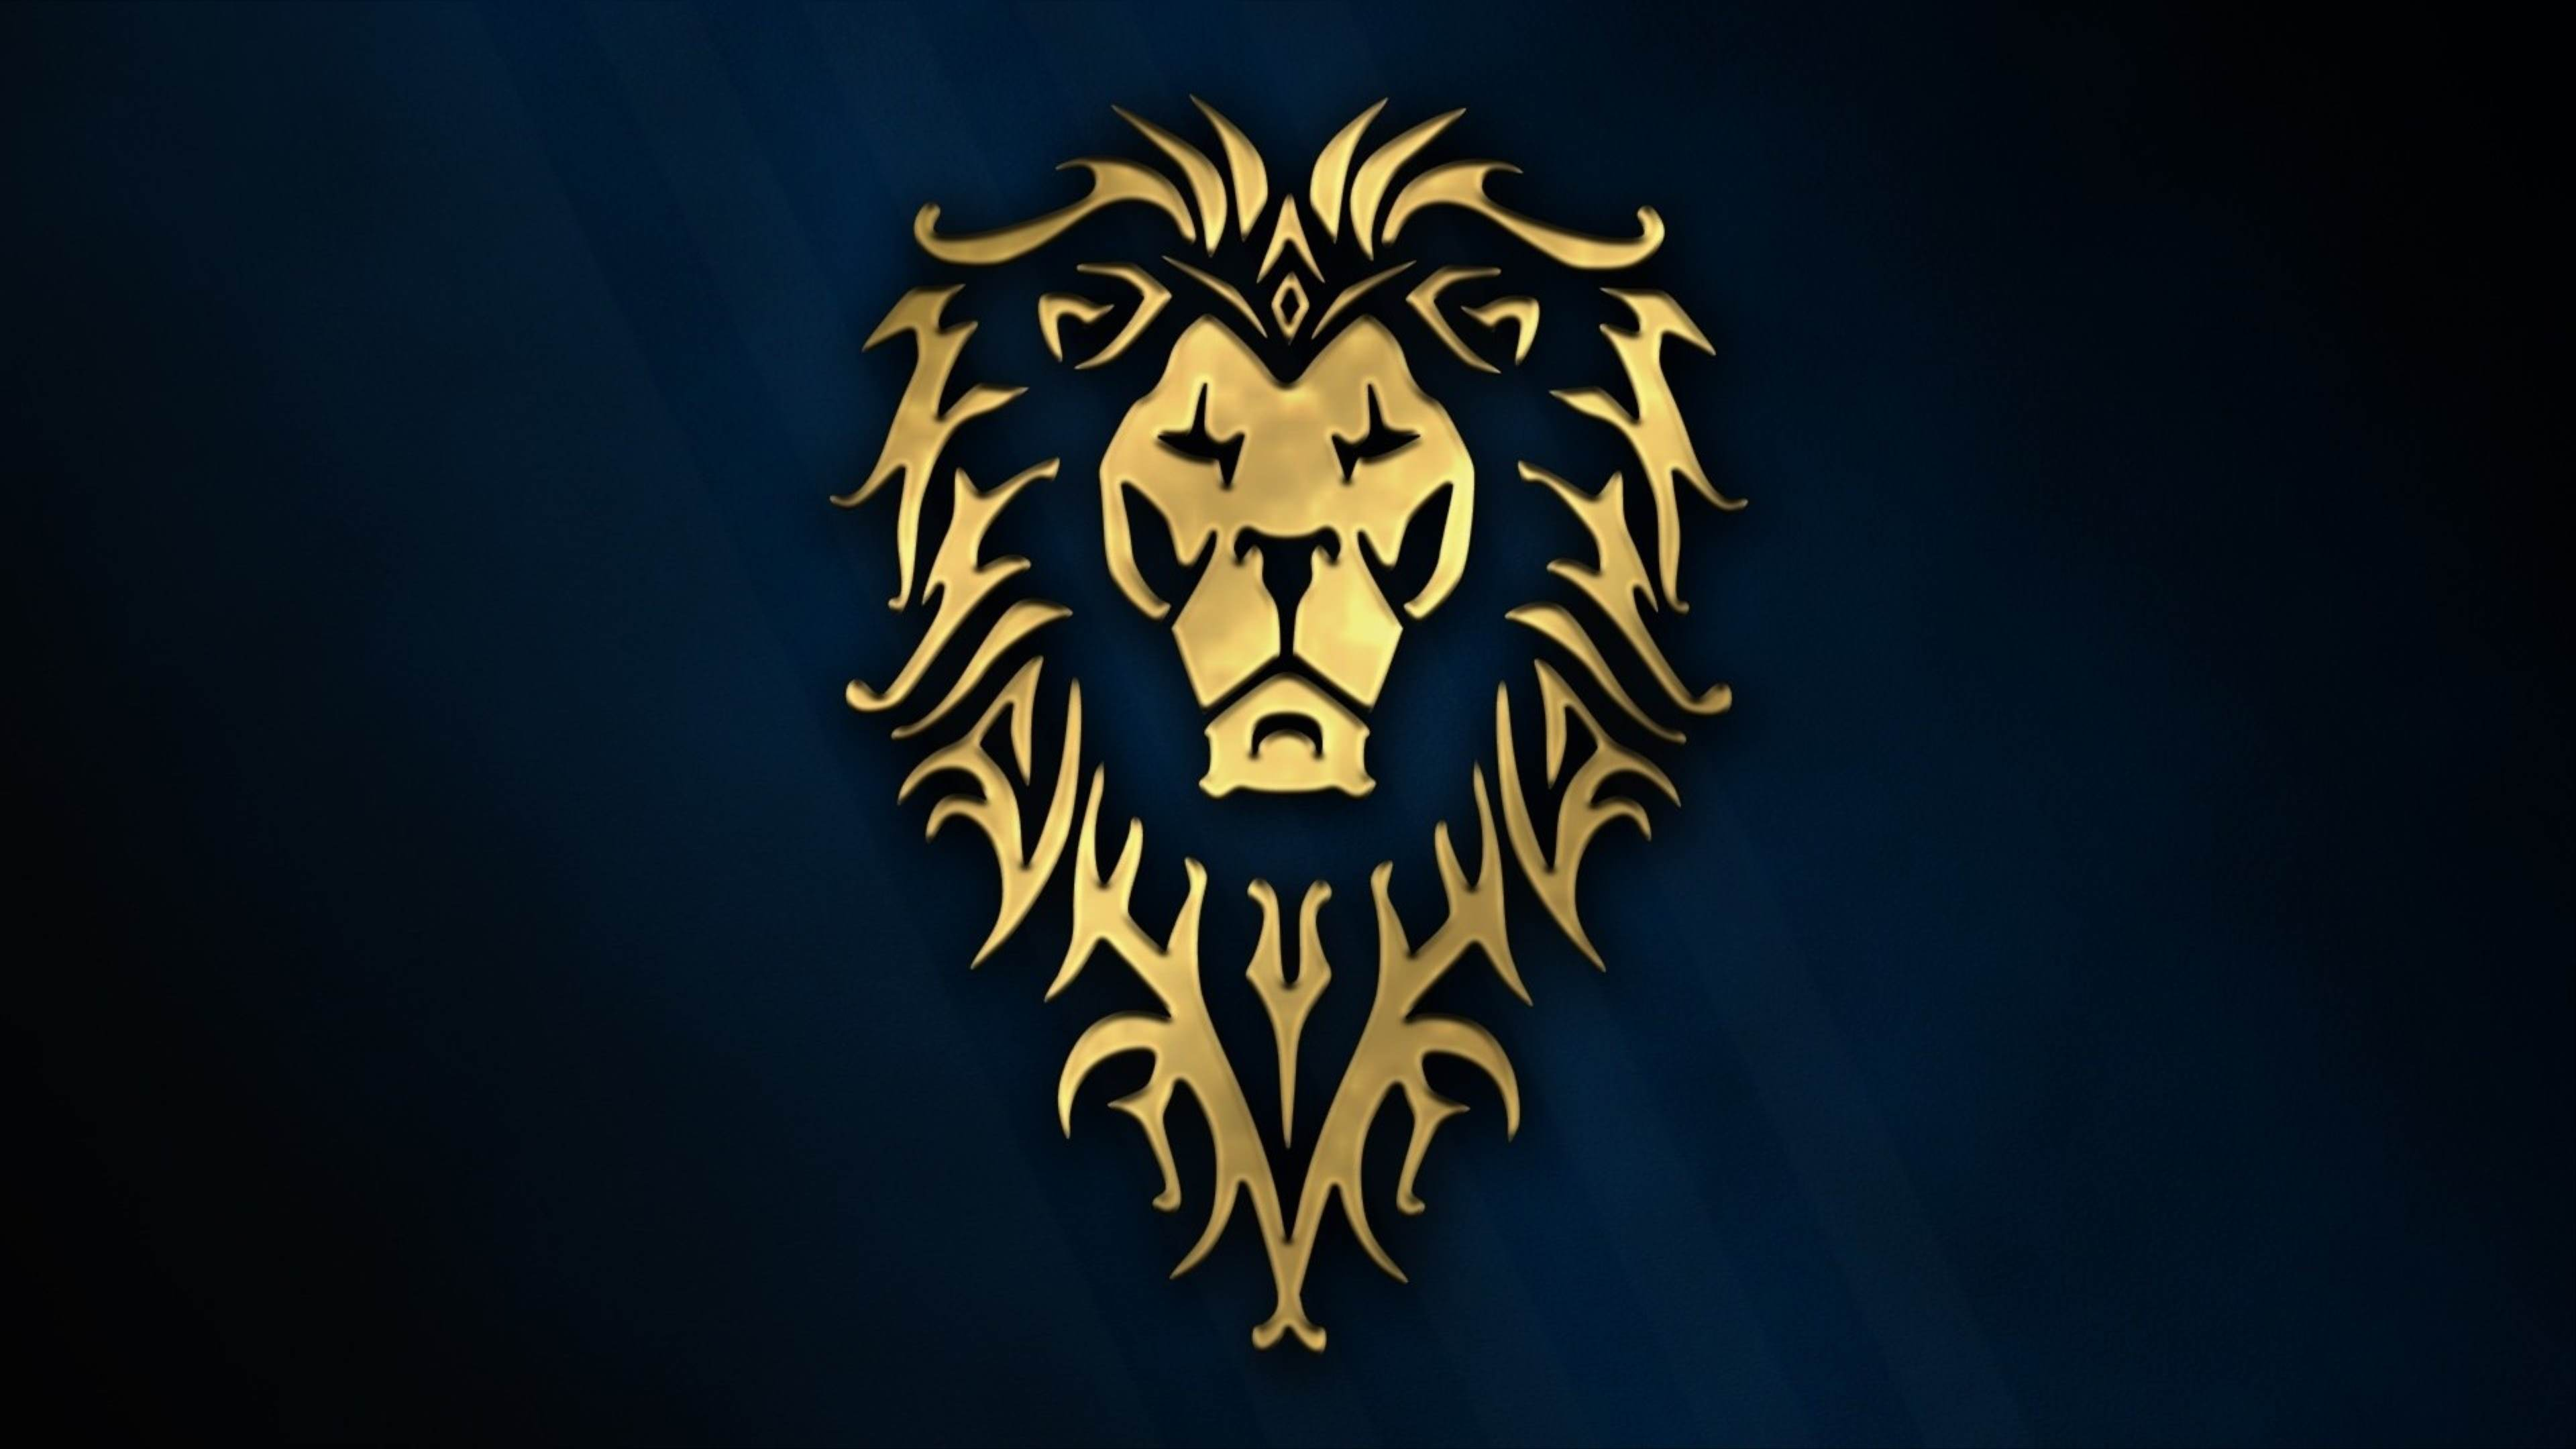 Warcraft Movie Logo 2048x1152 Resolution